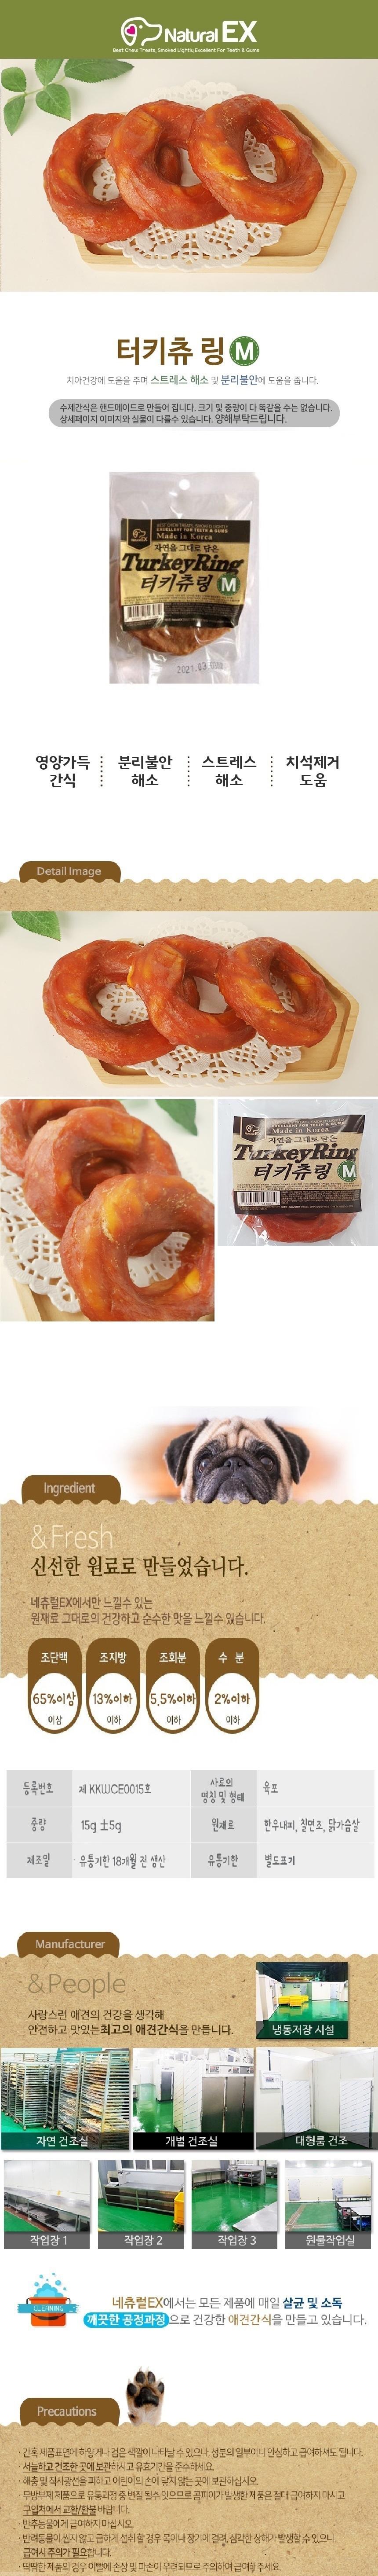 네츄럴이엑스 터키츄 링 (S/M) 1p/5p-상품이미지-1